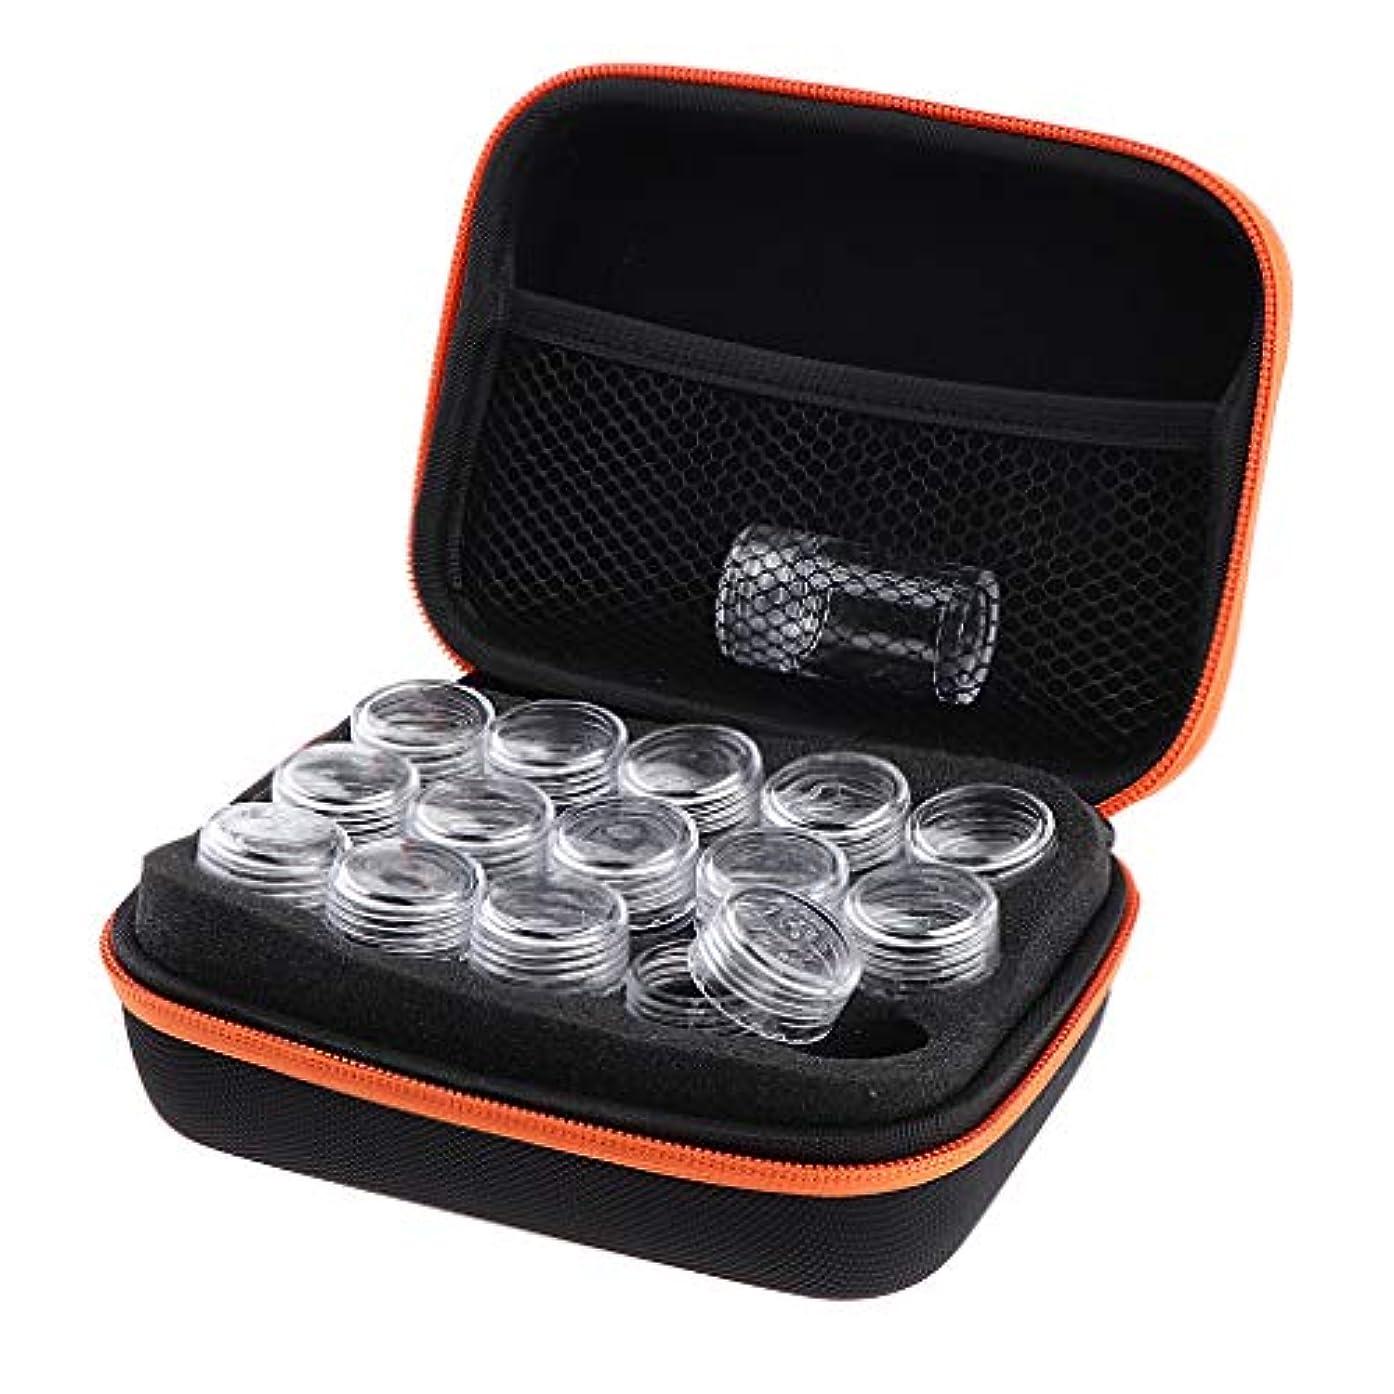 ラリースタイル紳士気取りの、きざなアロマポーチ 15本用 エッセンシャルオイル ケース 携帯用メイクポーチ 精油ケース 香水収納バッグ - オレンジ